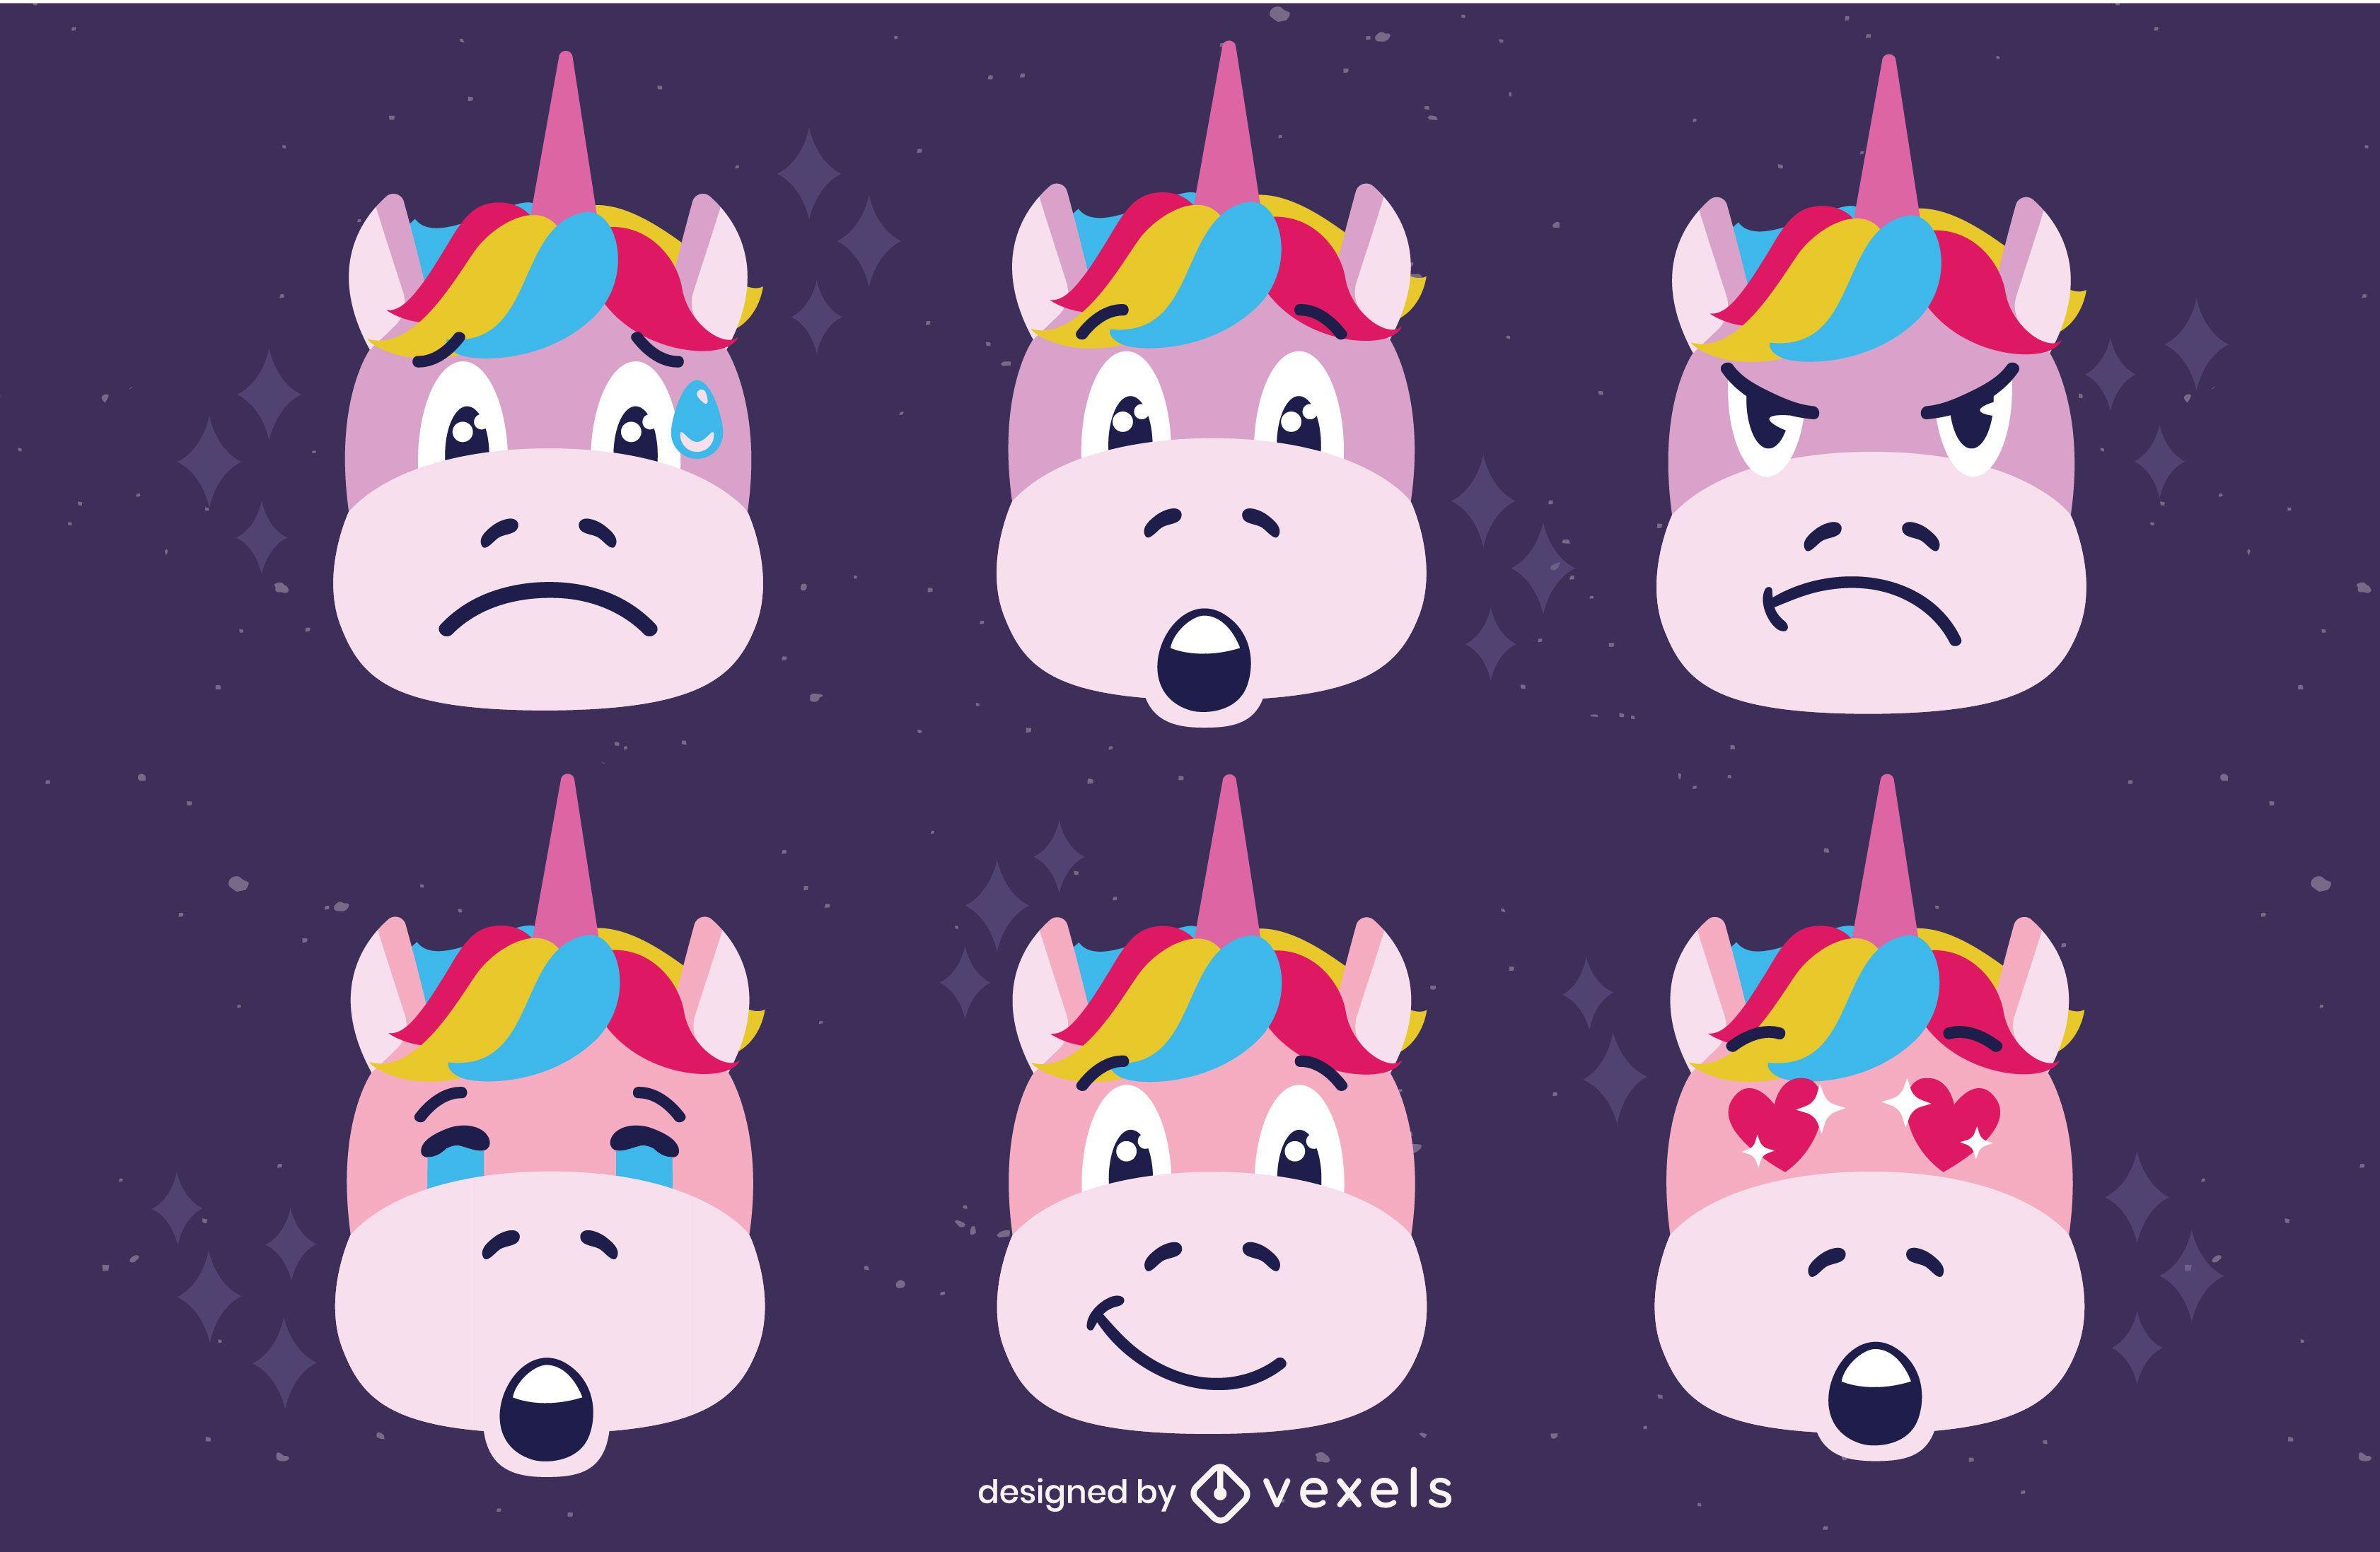 Unicorn emoji mood cute faces set